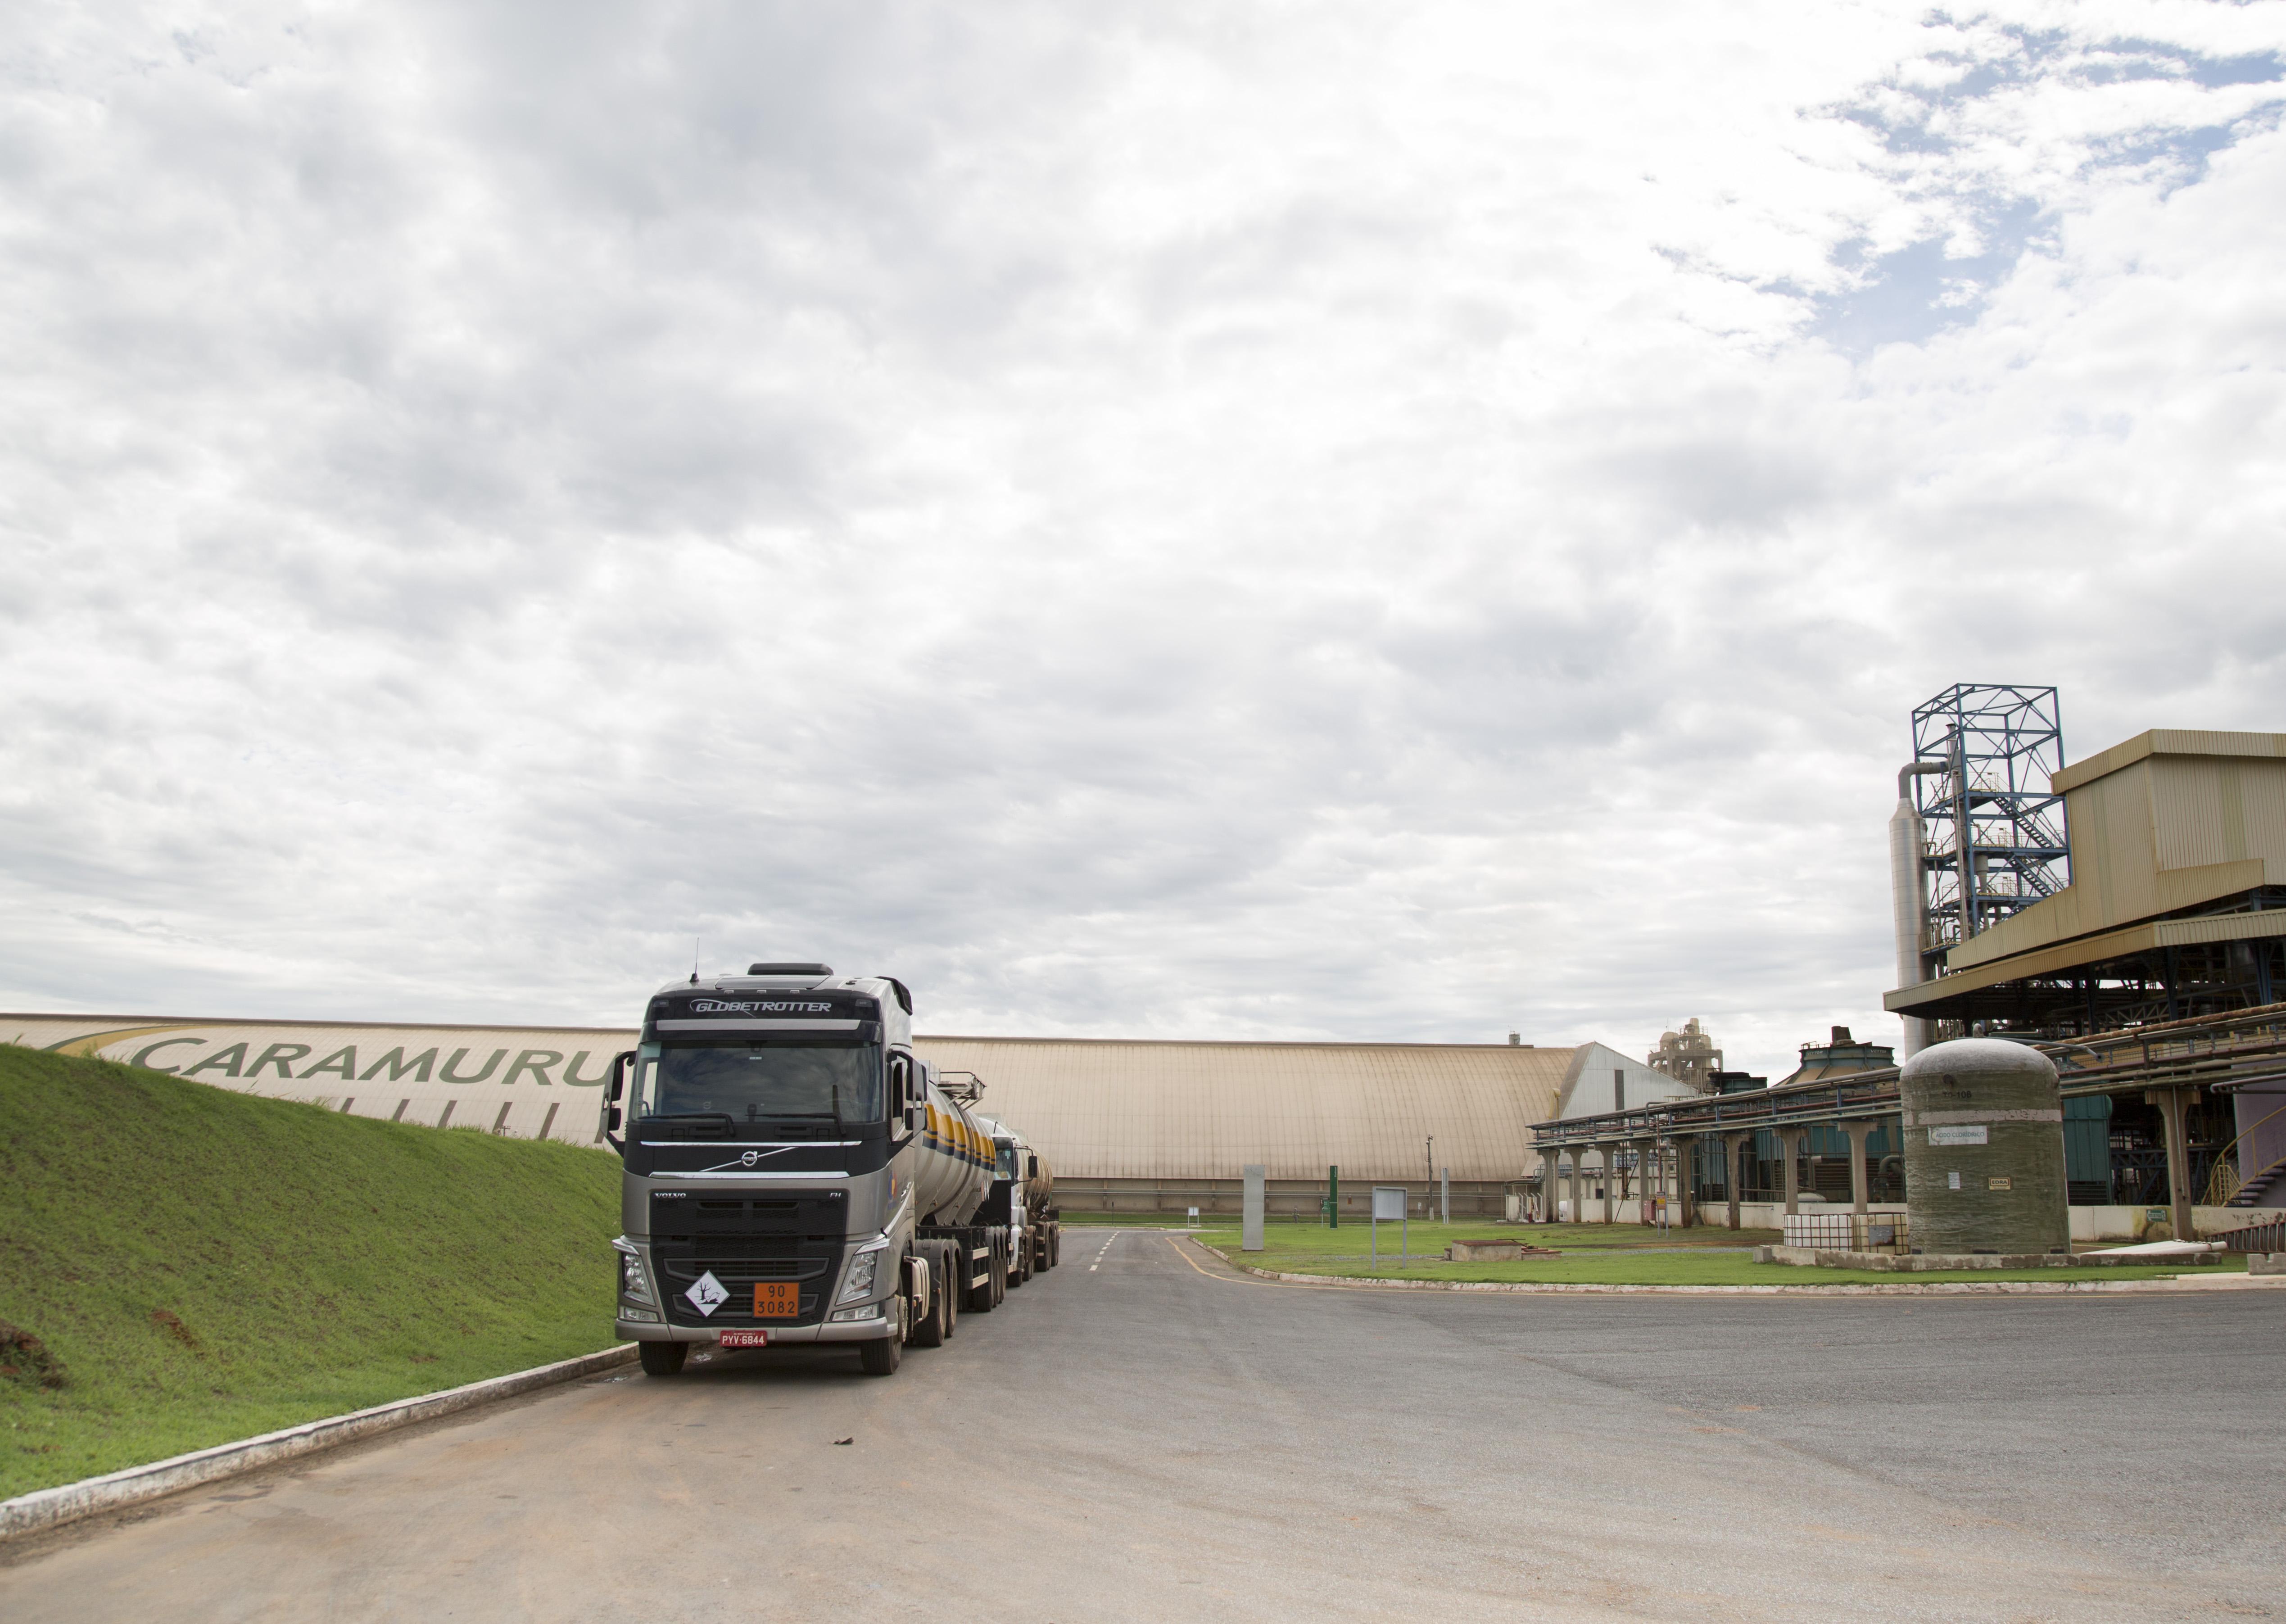 Caramuru, uma das grandes empresas do setor de biodiesel. Foto de Simone Marinho